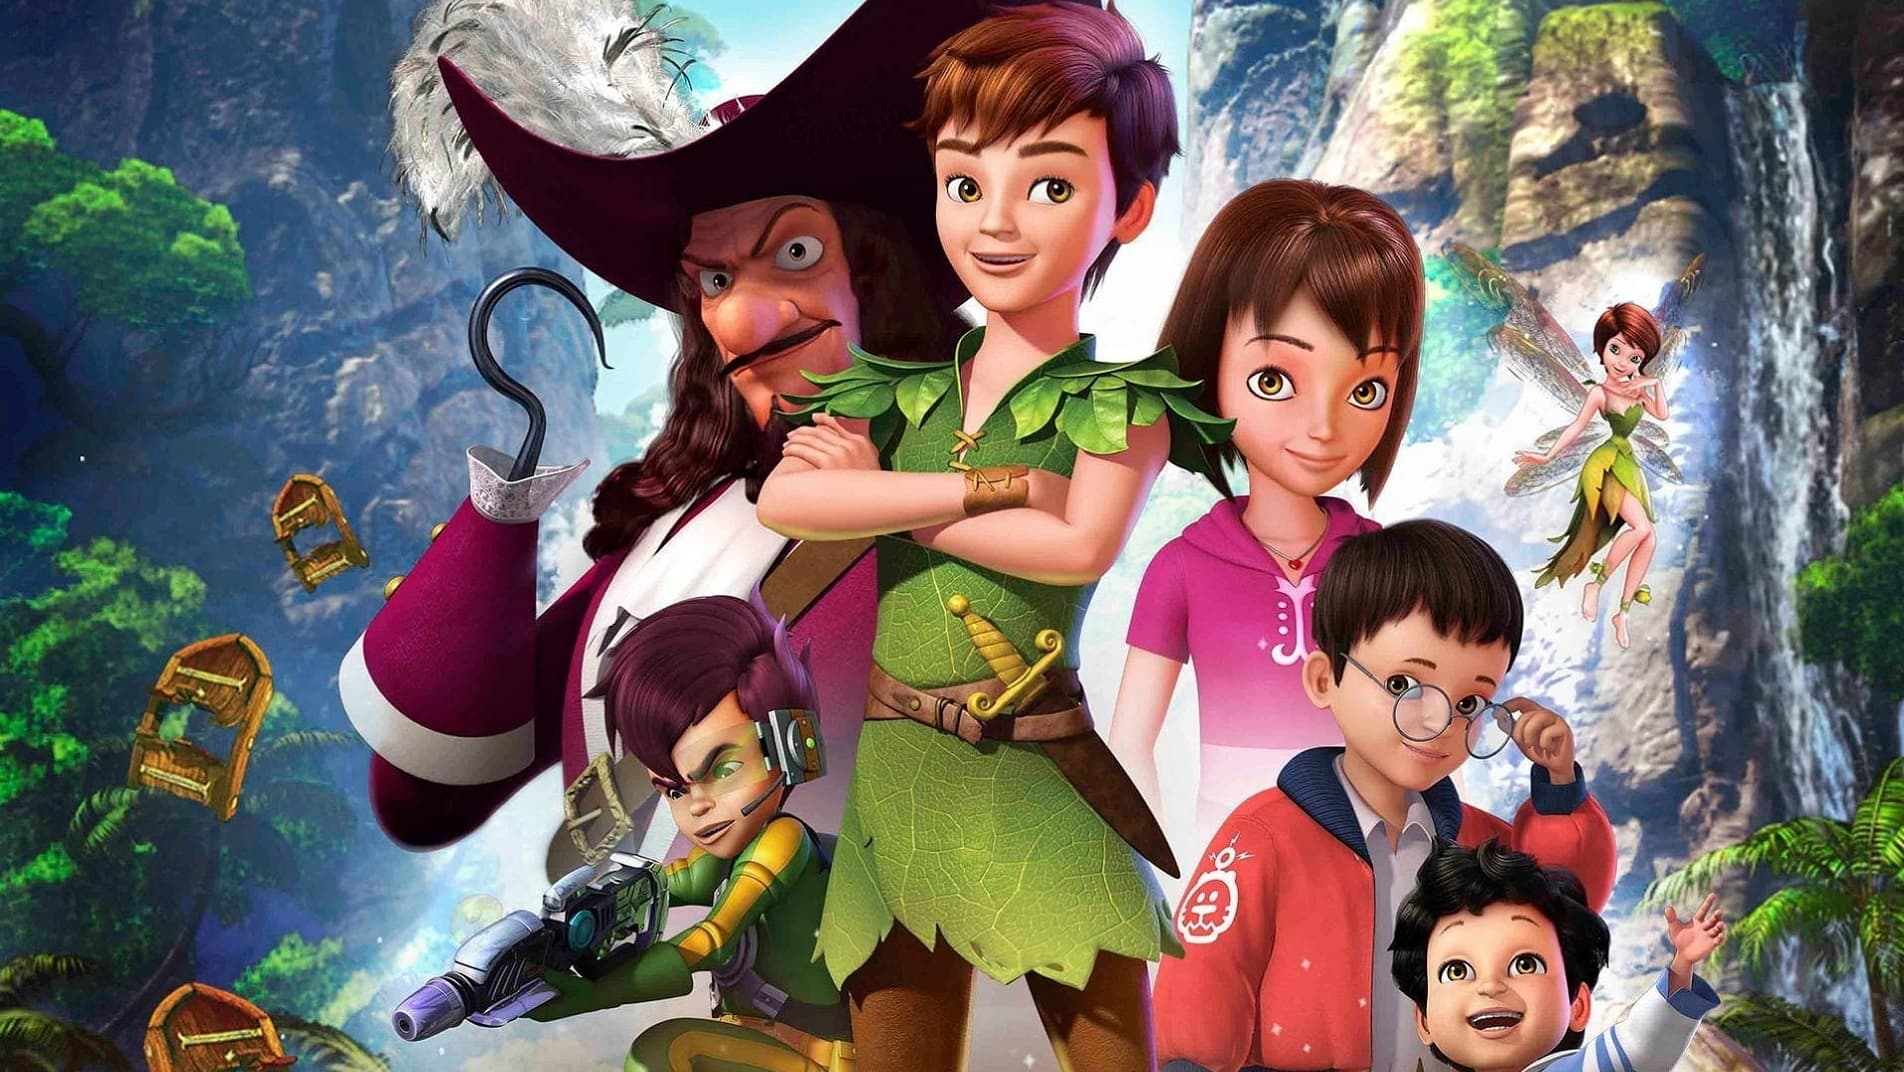 Peter Pan: La búsqueda del libro de Nunca Jamás